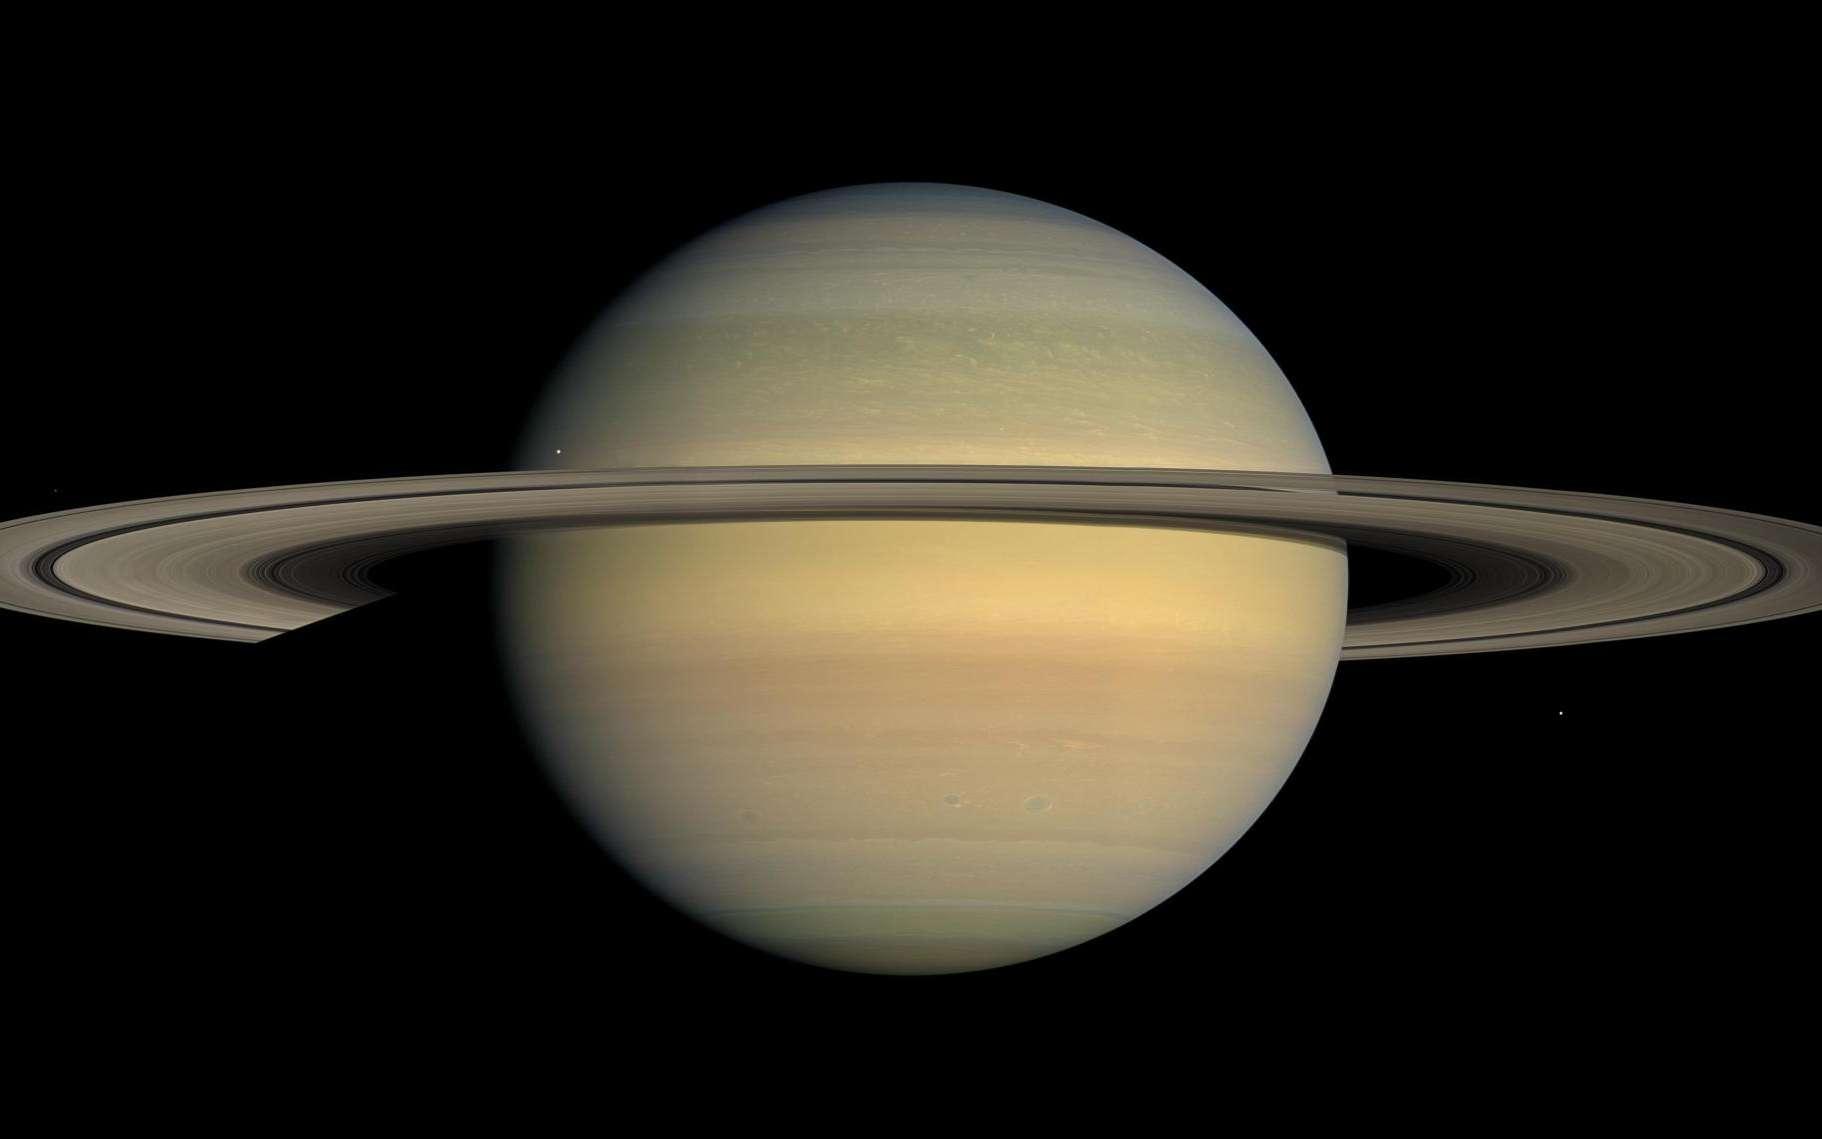 Une photo de Saturne et de ses lunes prise par une sonde Voyager. © Nasa